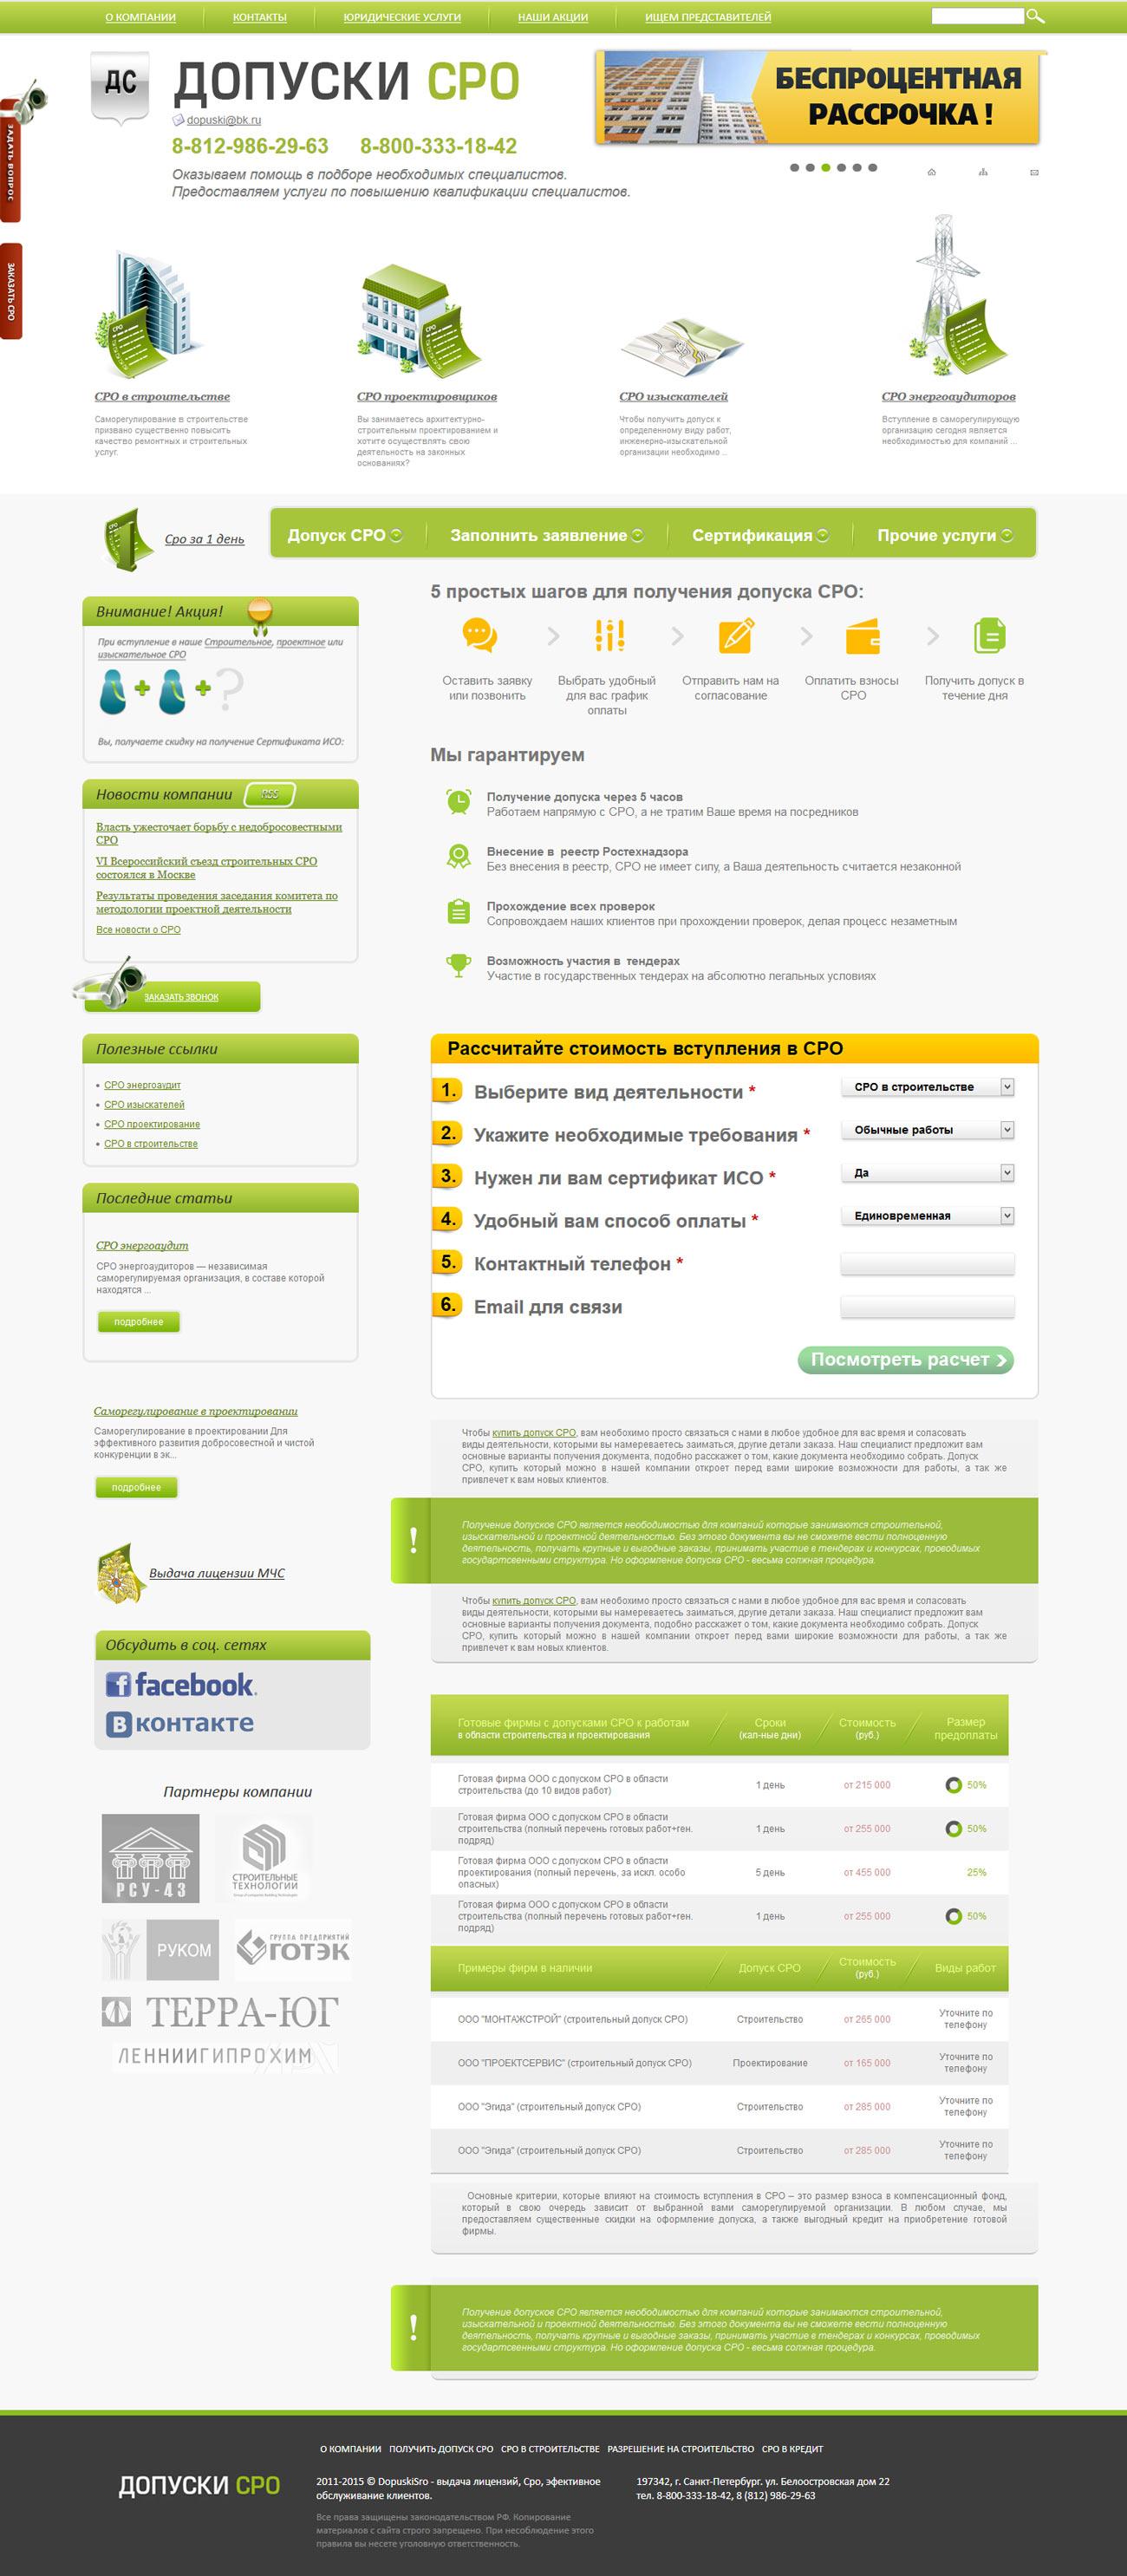 сообщение об открытии счета 2011 бланк в фсс